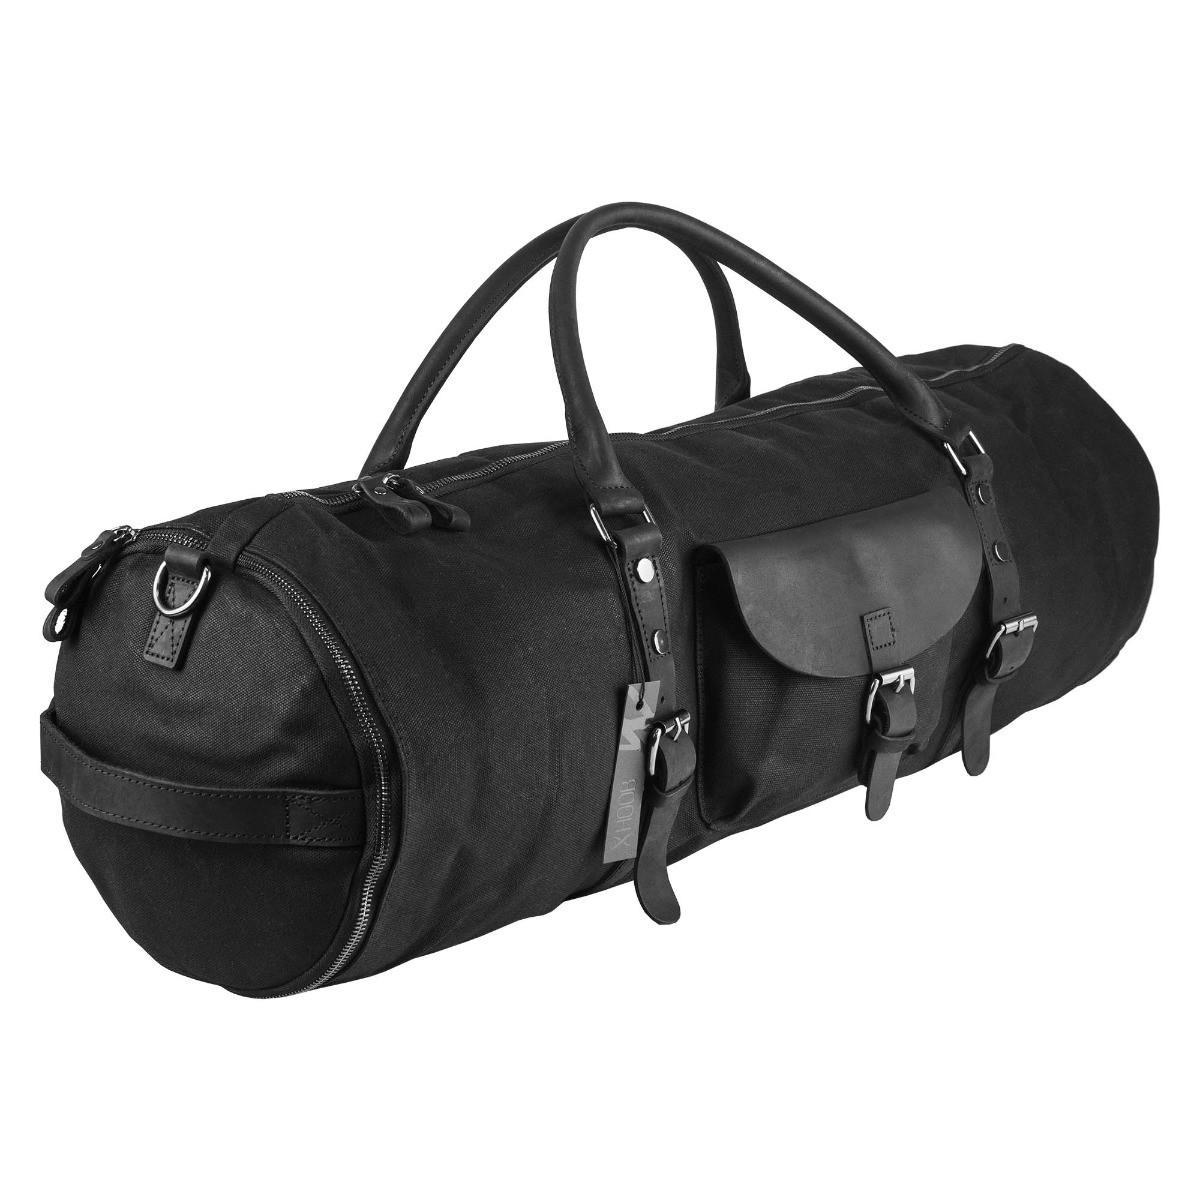 Hoob Long Bag Black   Удлинённая сумка 80 см из кожи и канваса